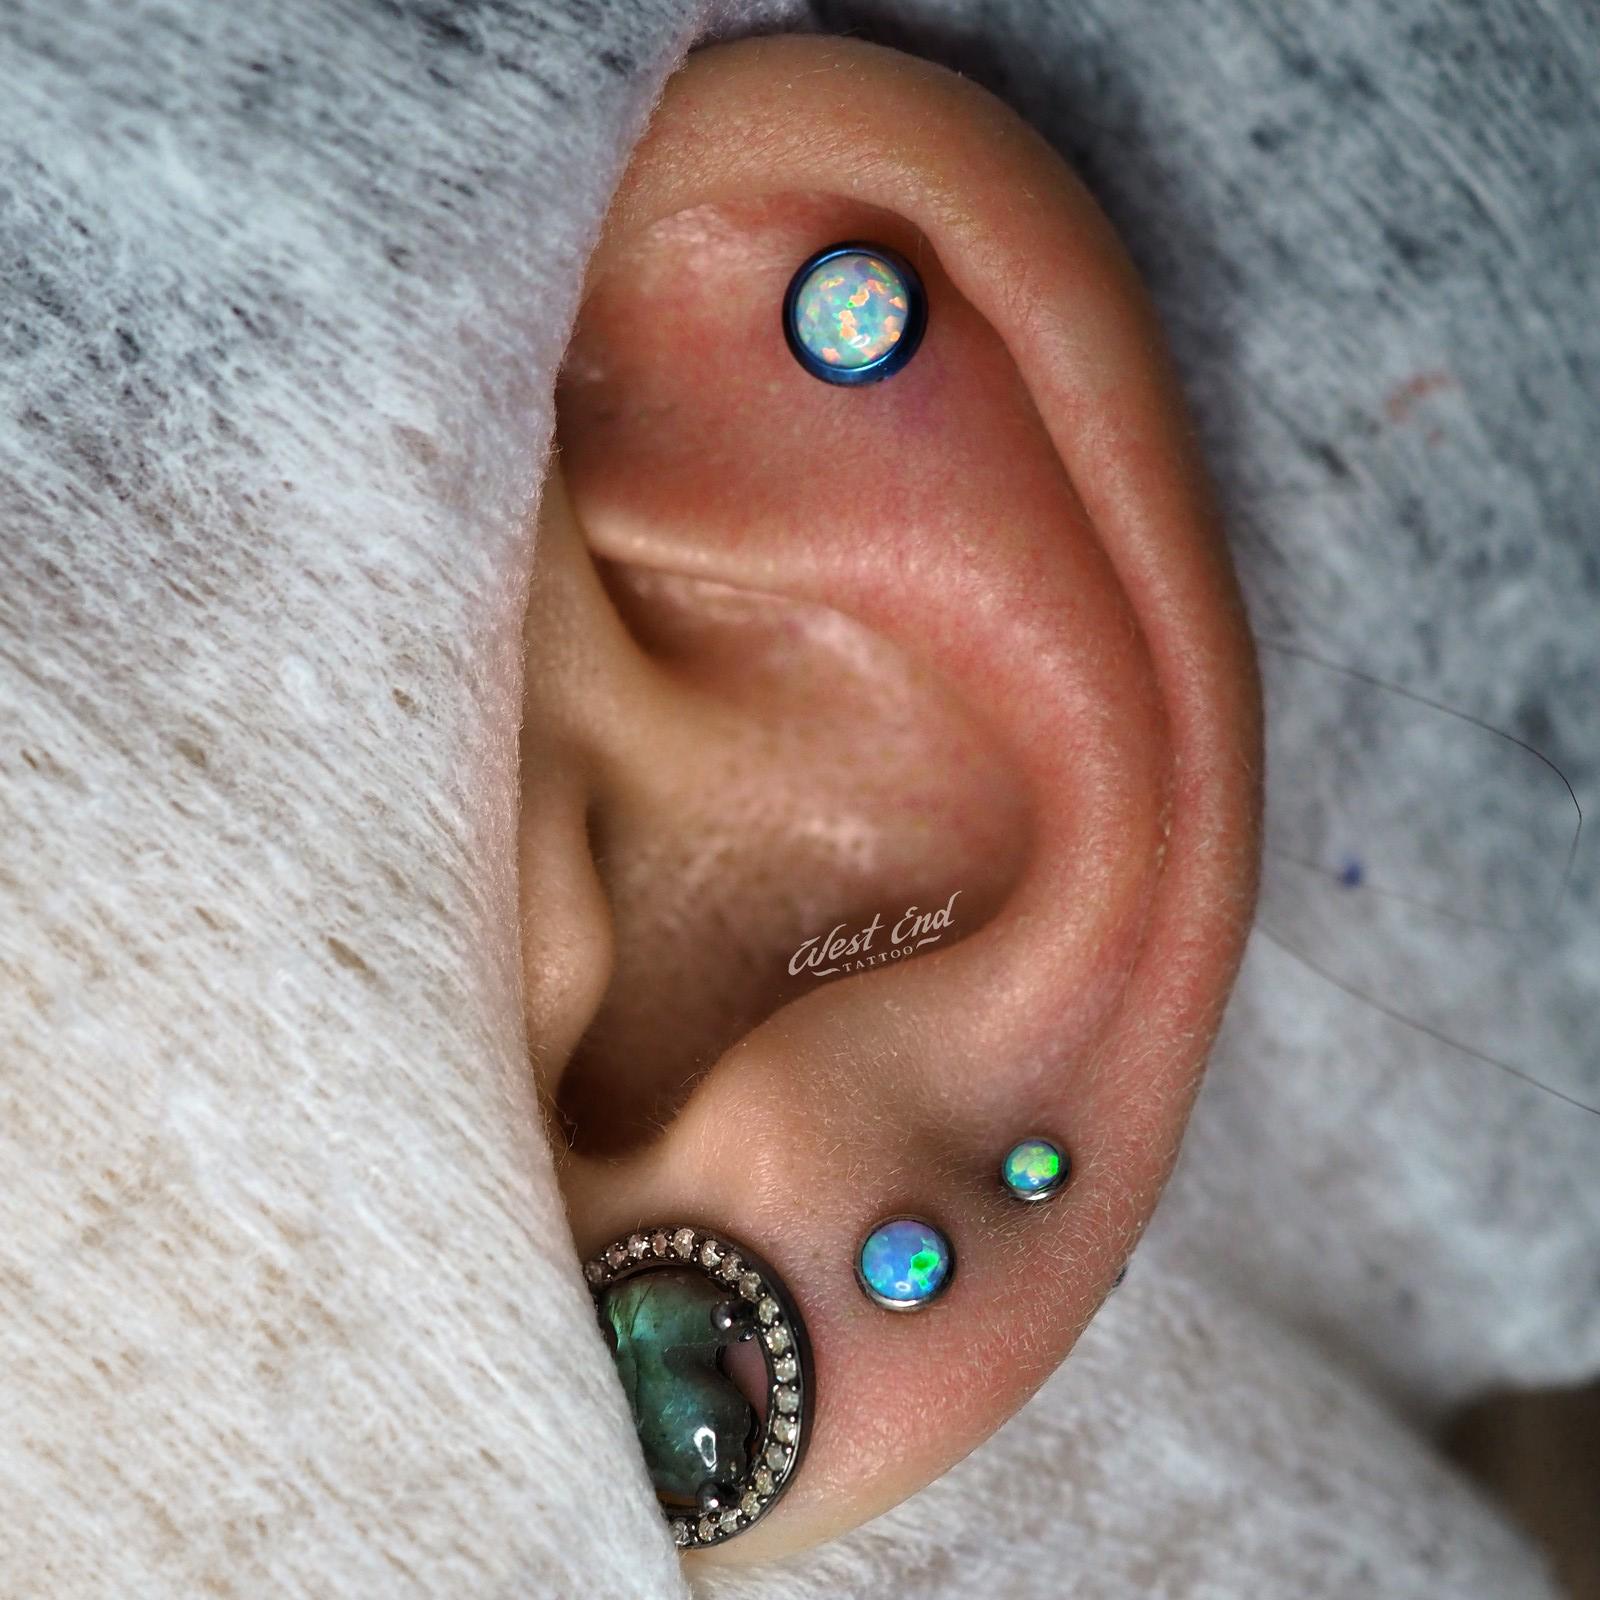 Пирсинг хряща и мочки уха